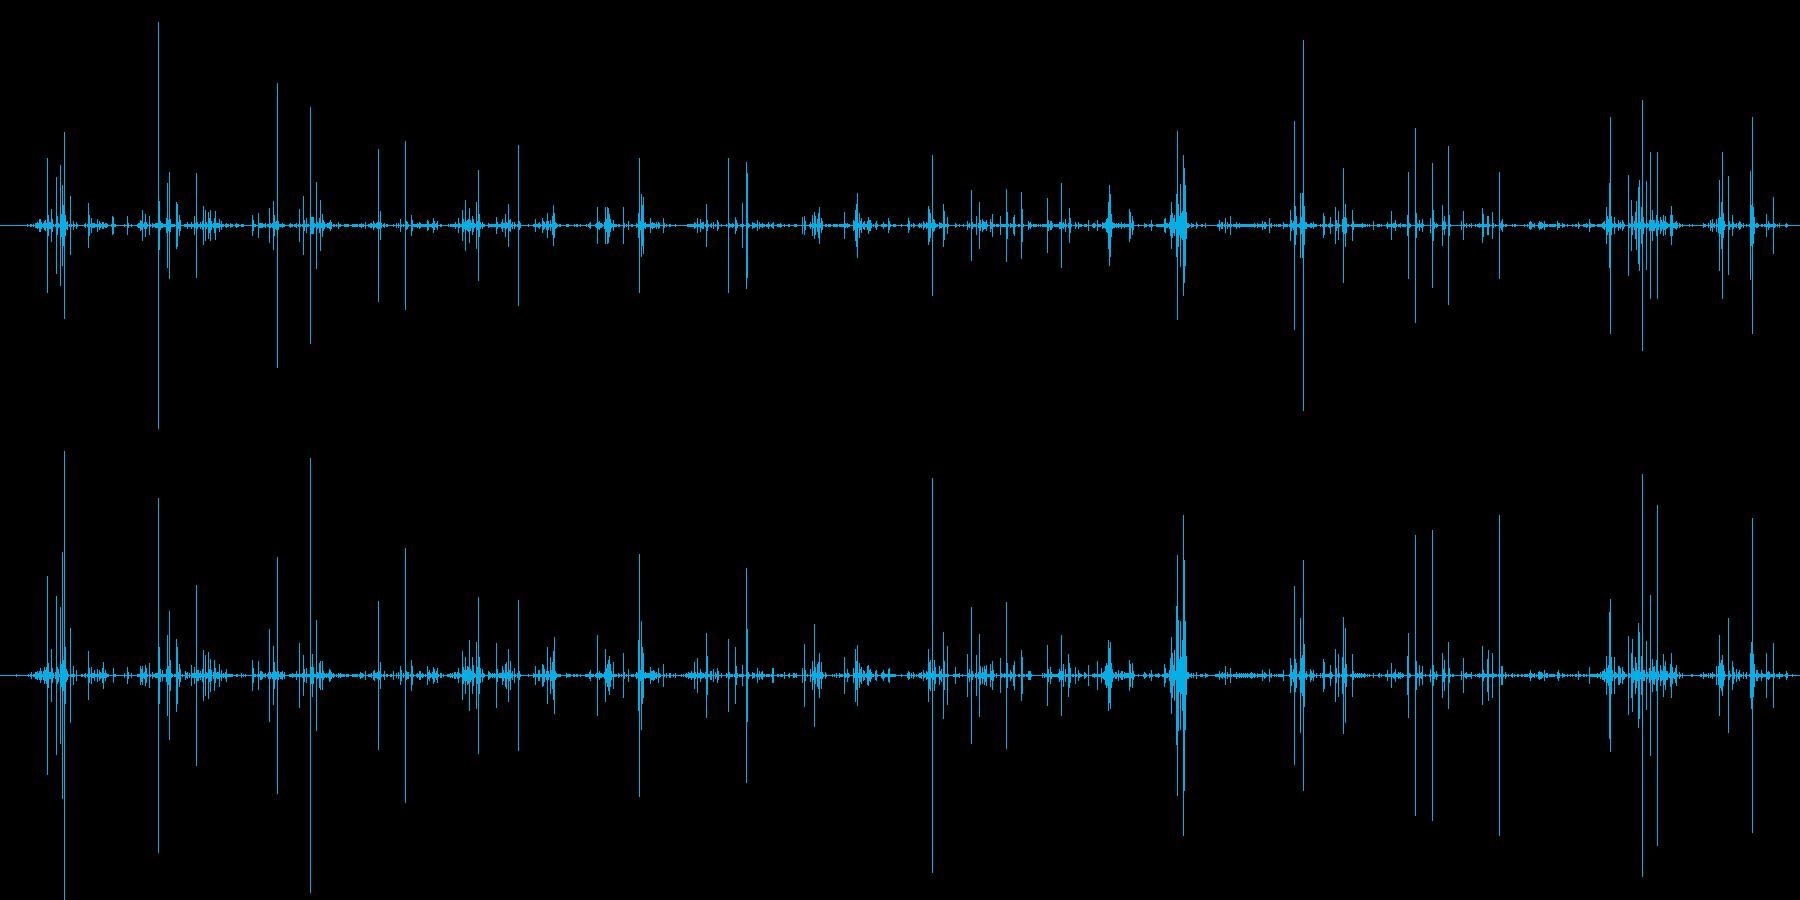 木 竹クラックシーケンス05の再生済みの波形